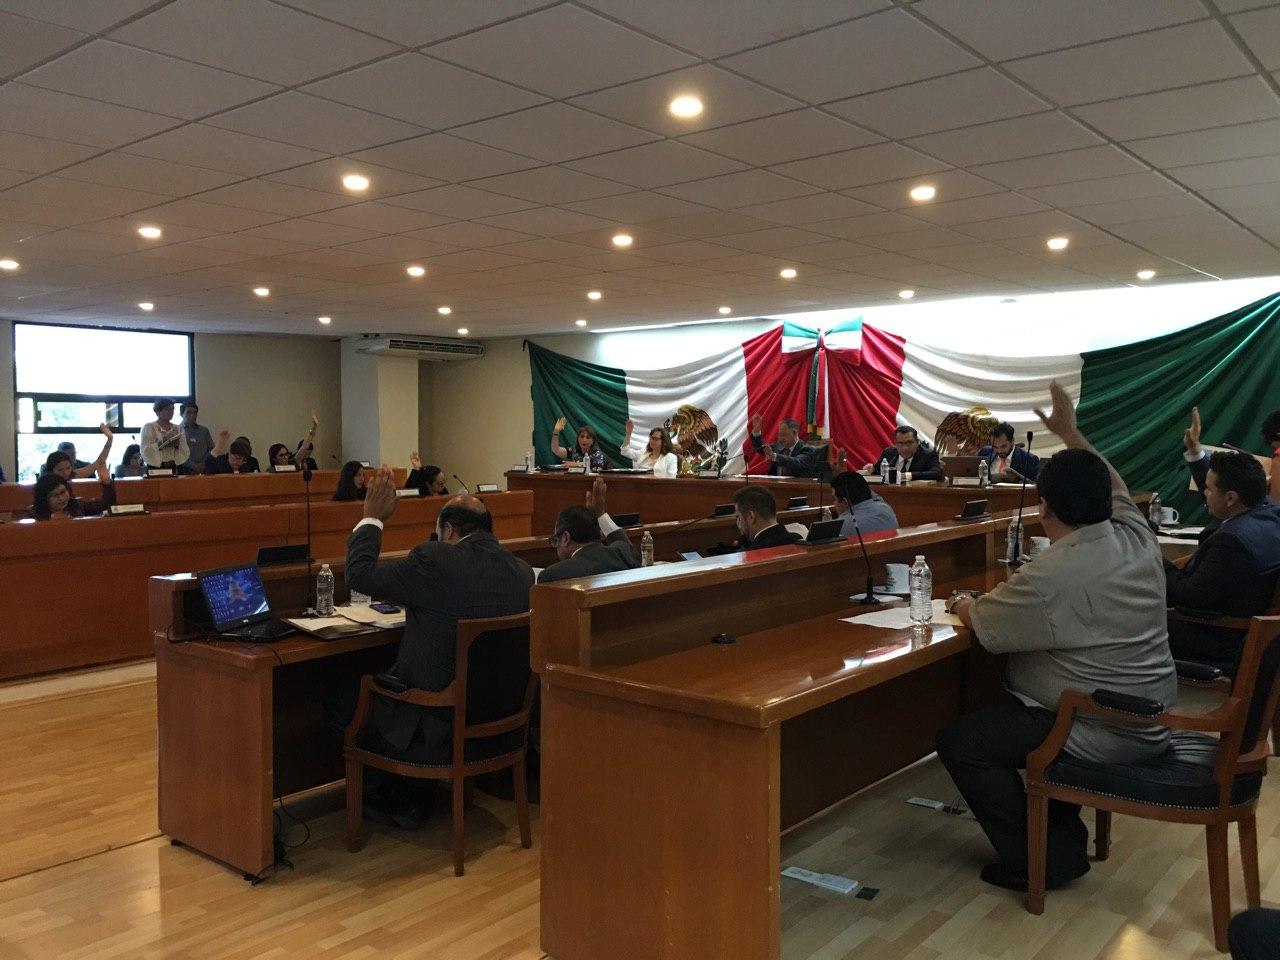 Participación de ediles panistas en la sesión de Cabildo de Naucalpan